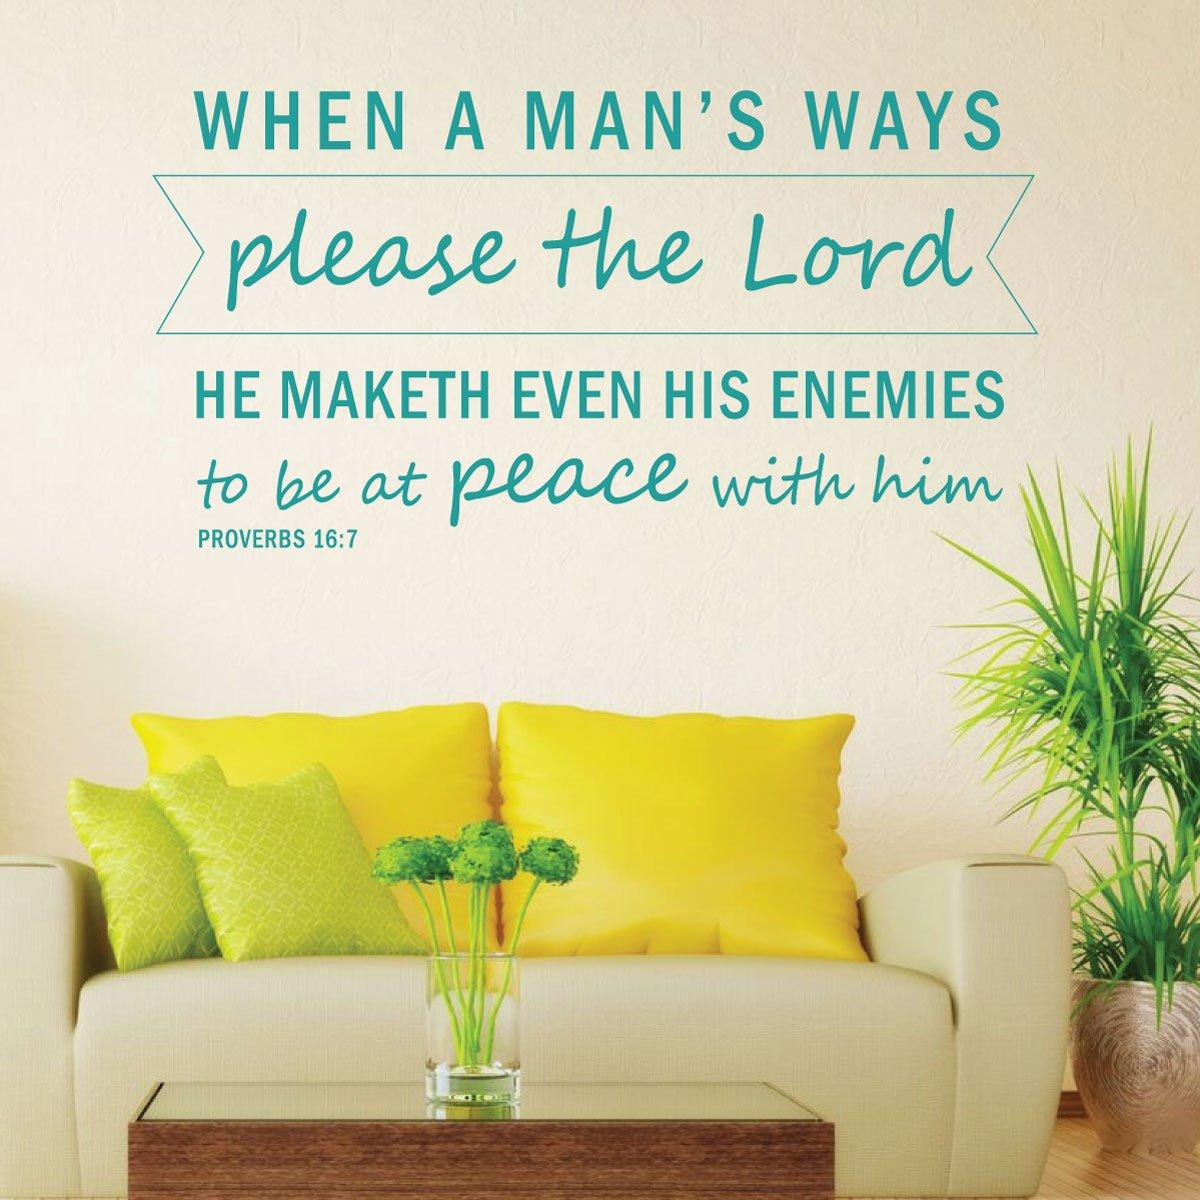 Amazon.com: Bible Verse Wall Art - Proverbs 16:7 Wall Decal - When a ...